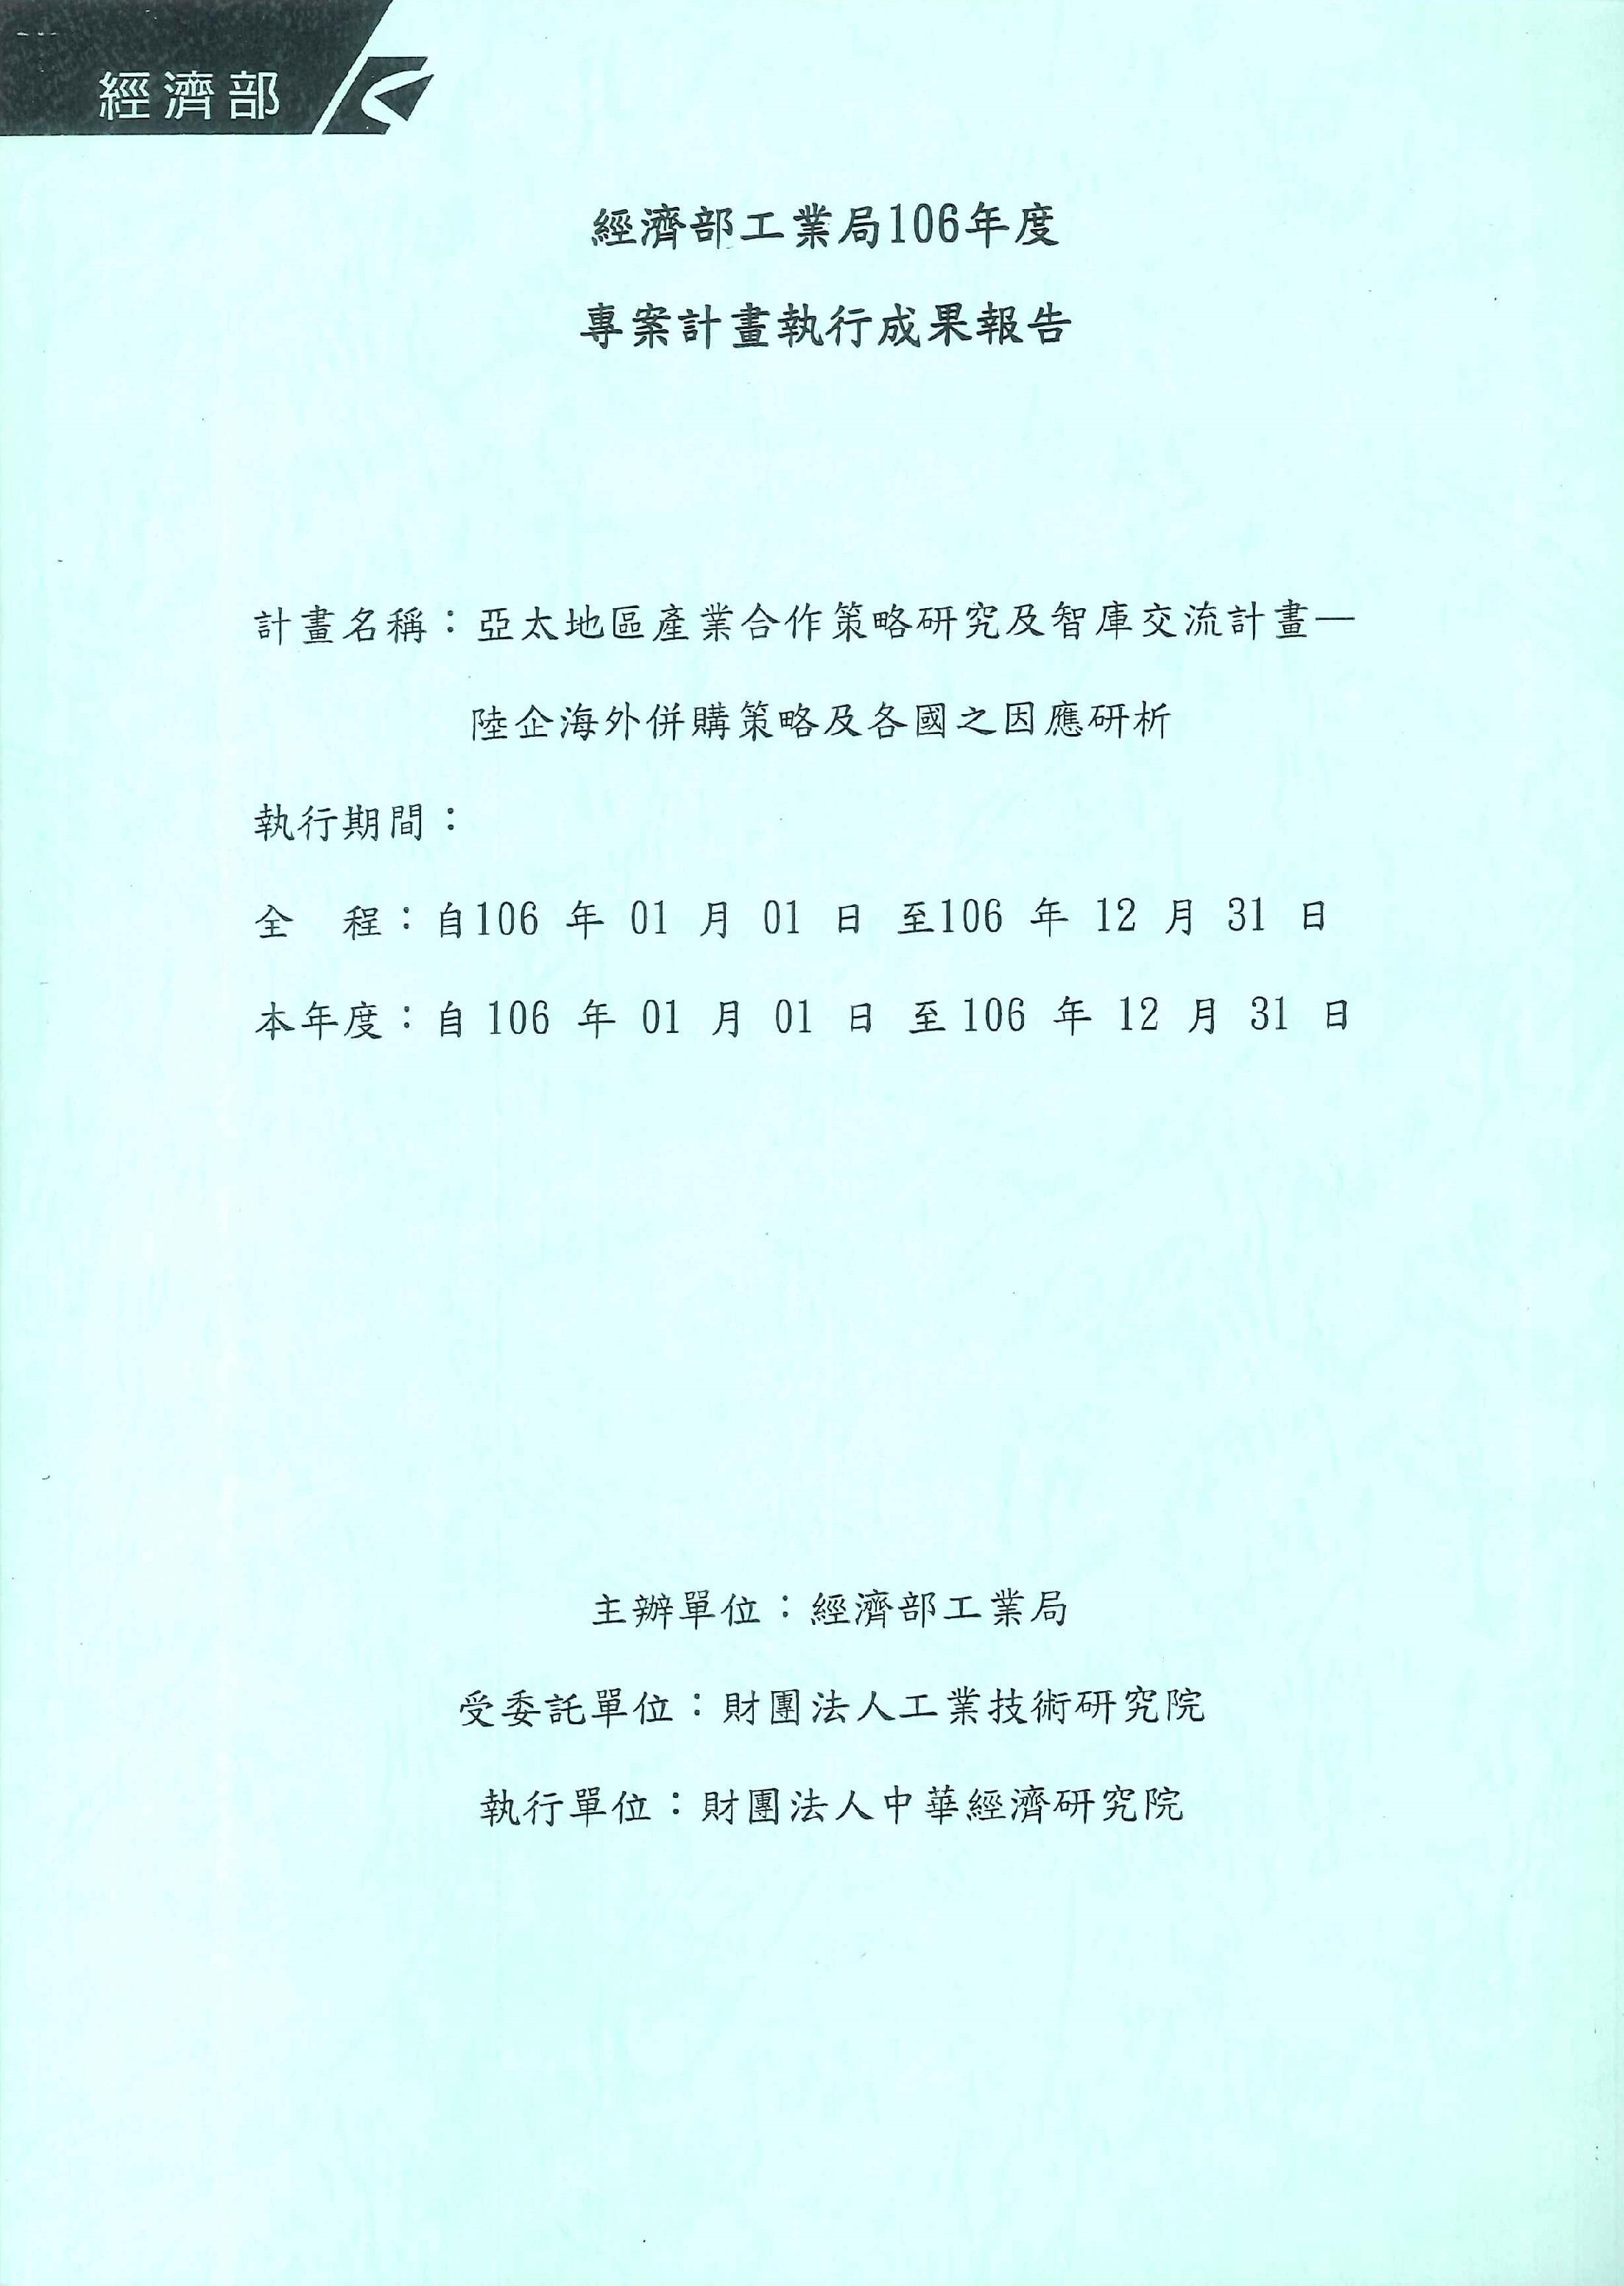 亞太地區產業合作策略研究及智庫交流計畫:陸企海外併購策略及各國之因應研析:期末報告